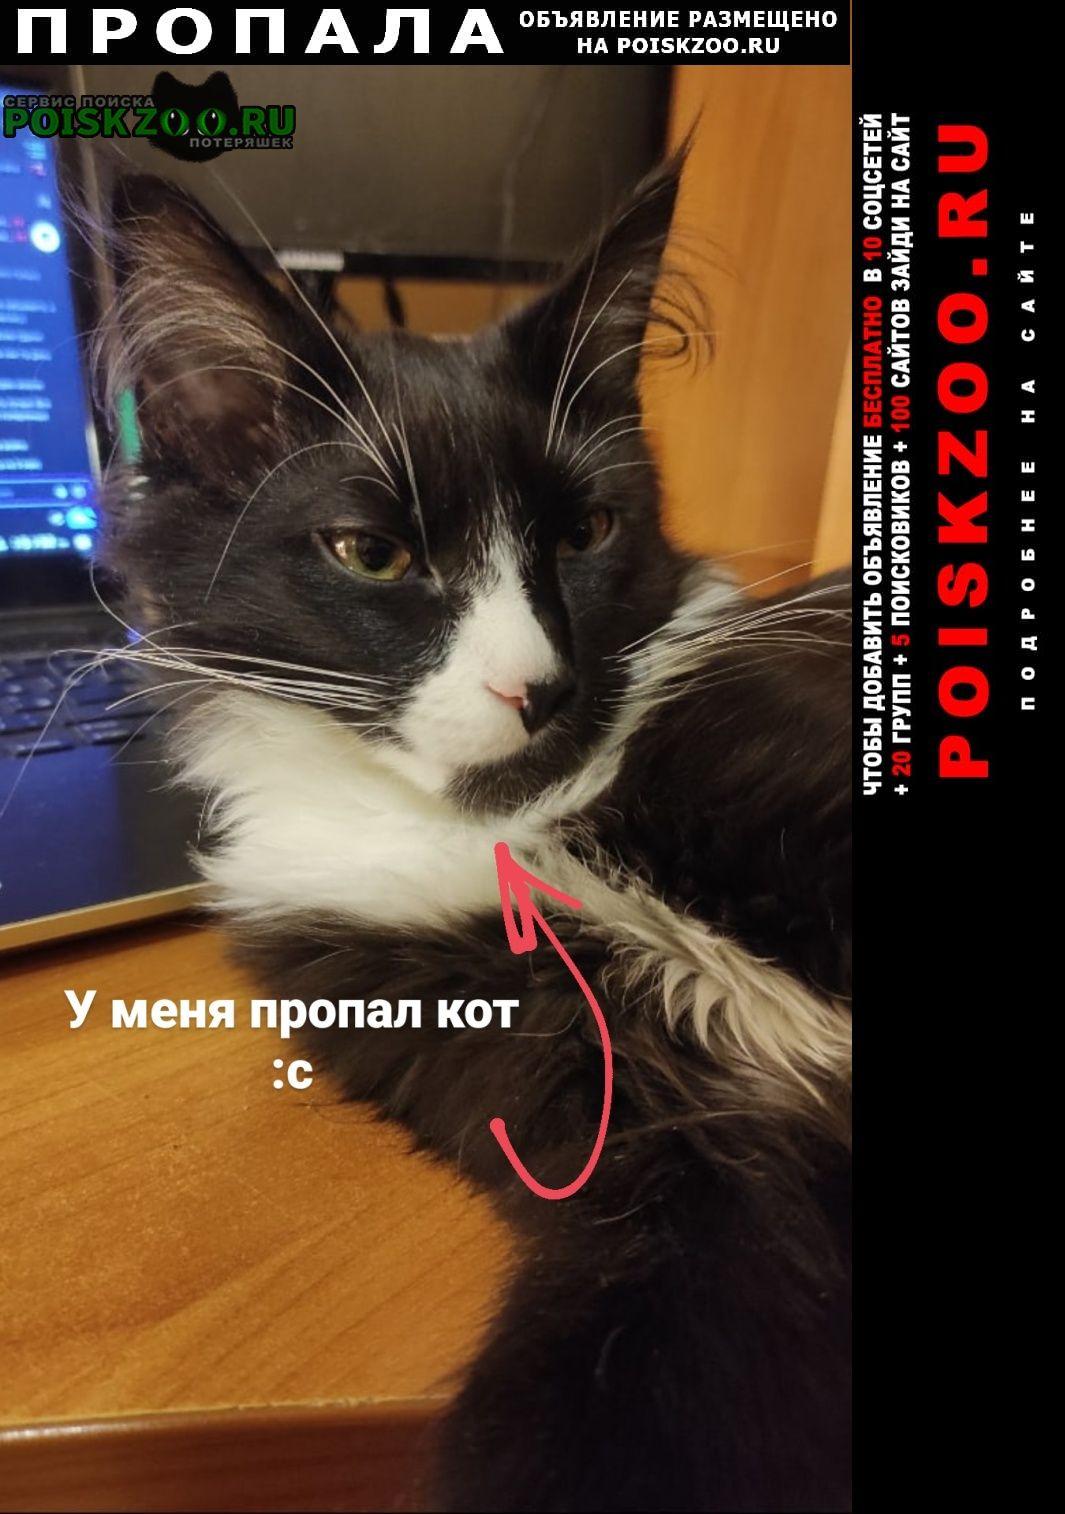 Пропала кошка котик Переславль-Залесский